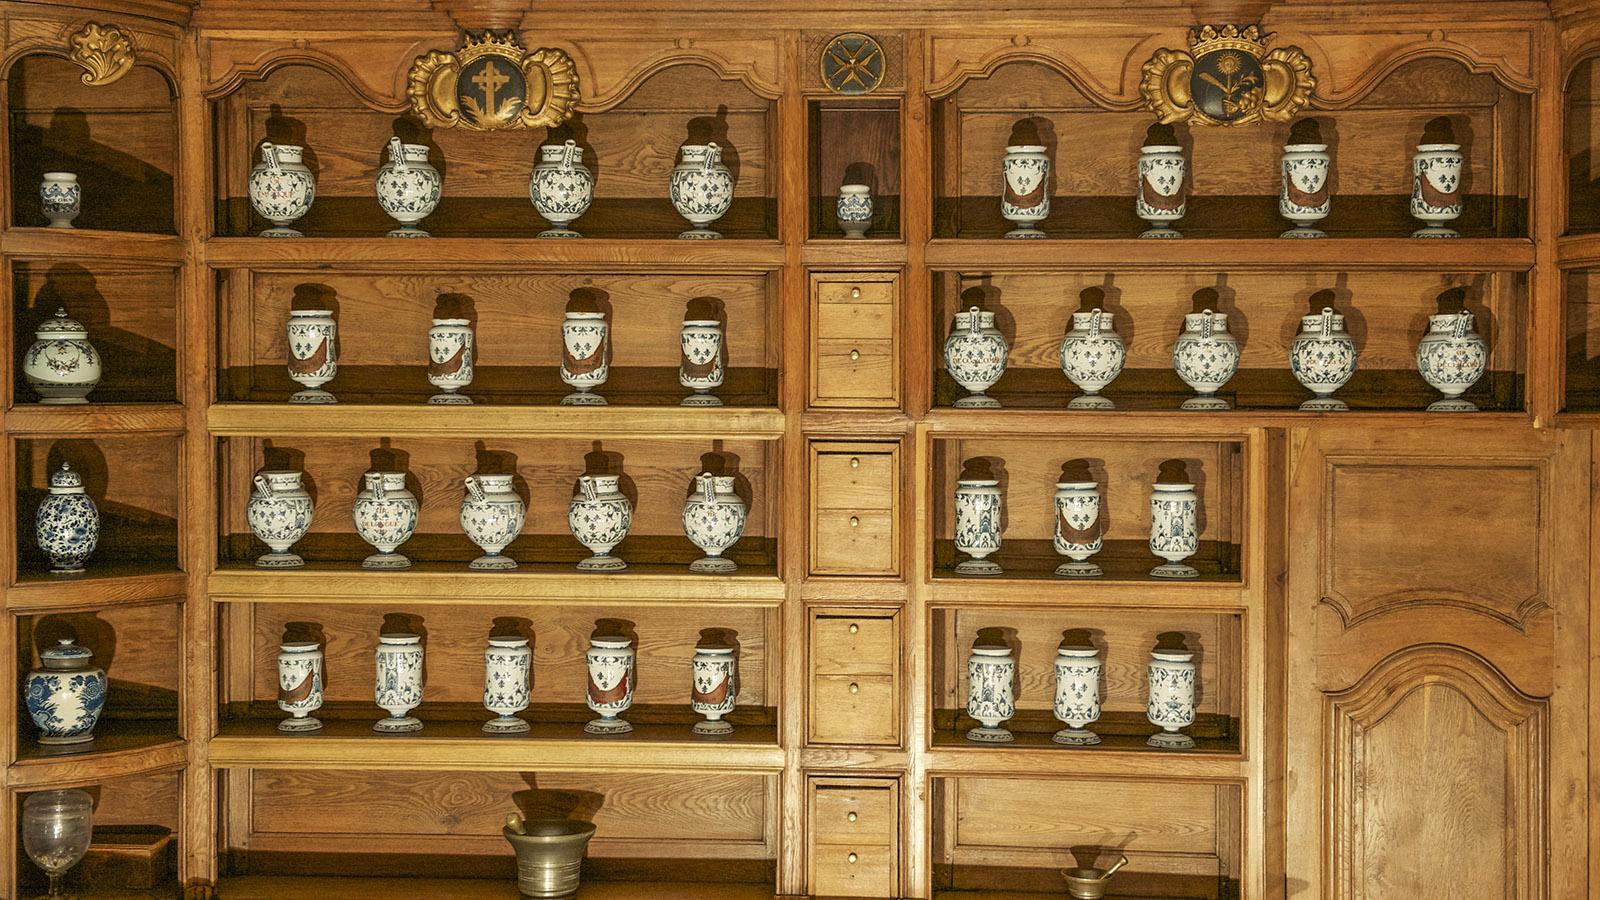 Historisch: der Apothekenschrank. Foto: Hilke Maunder